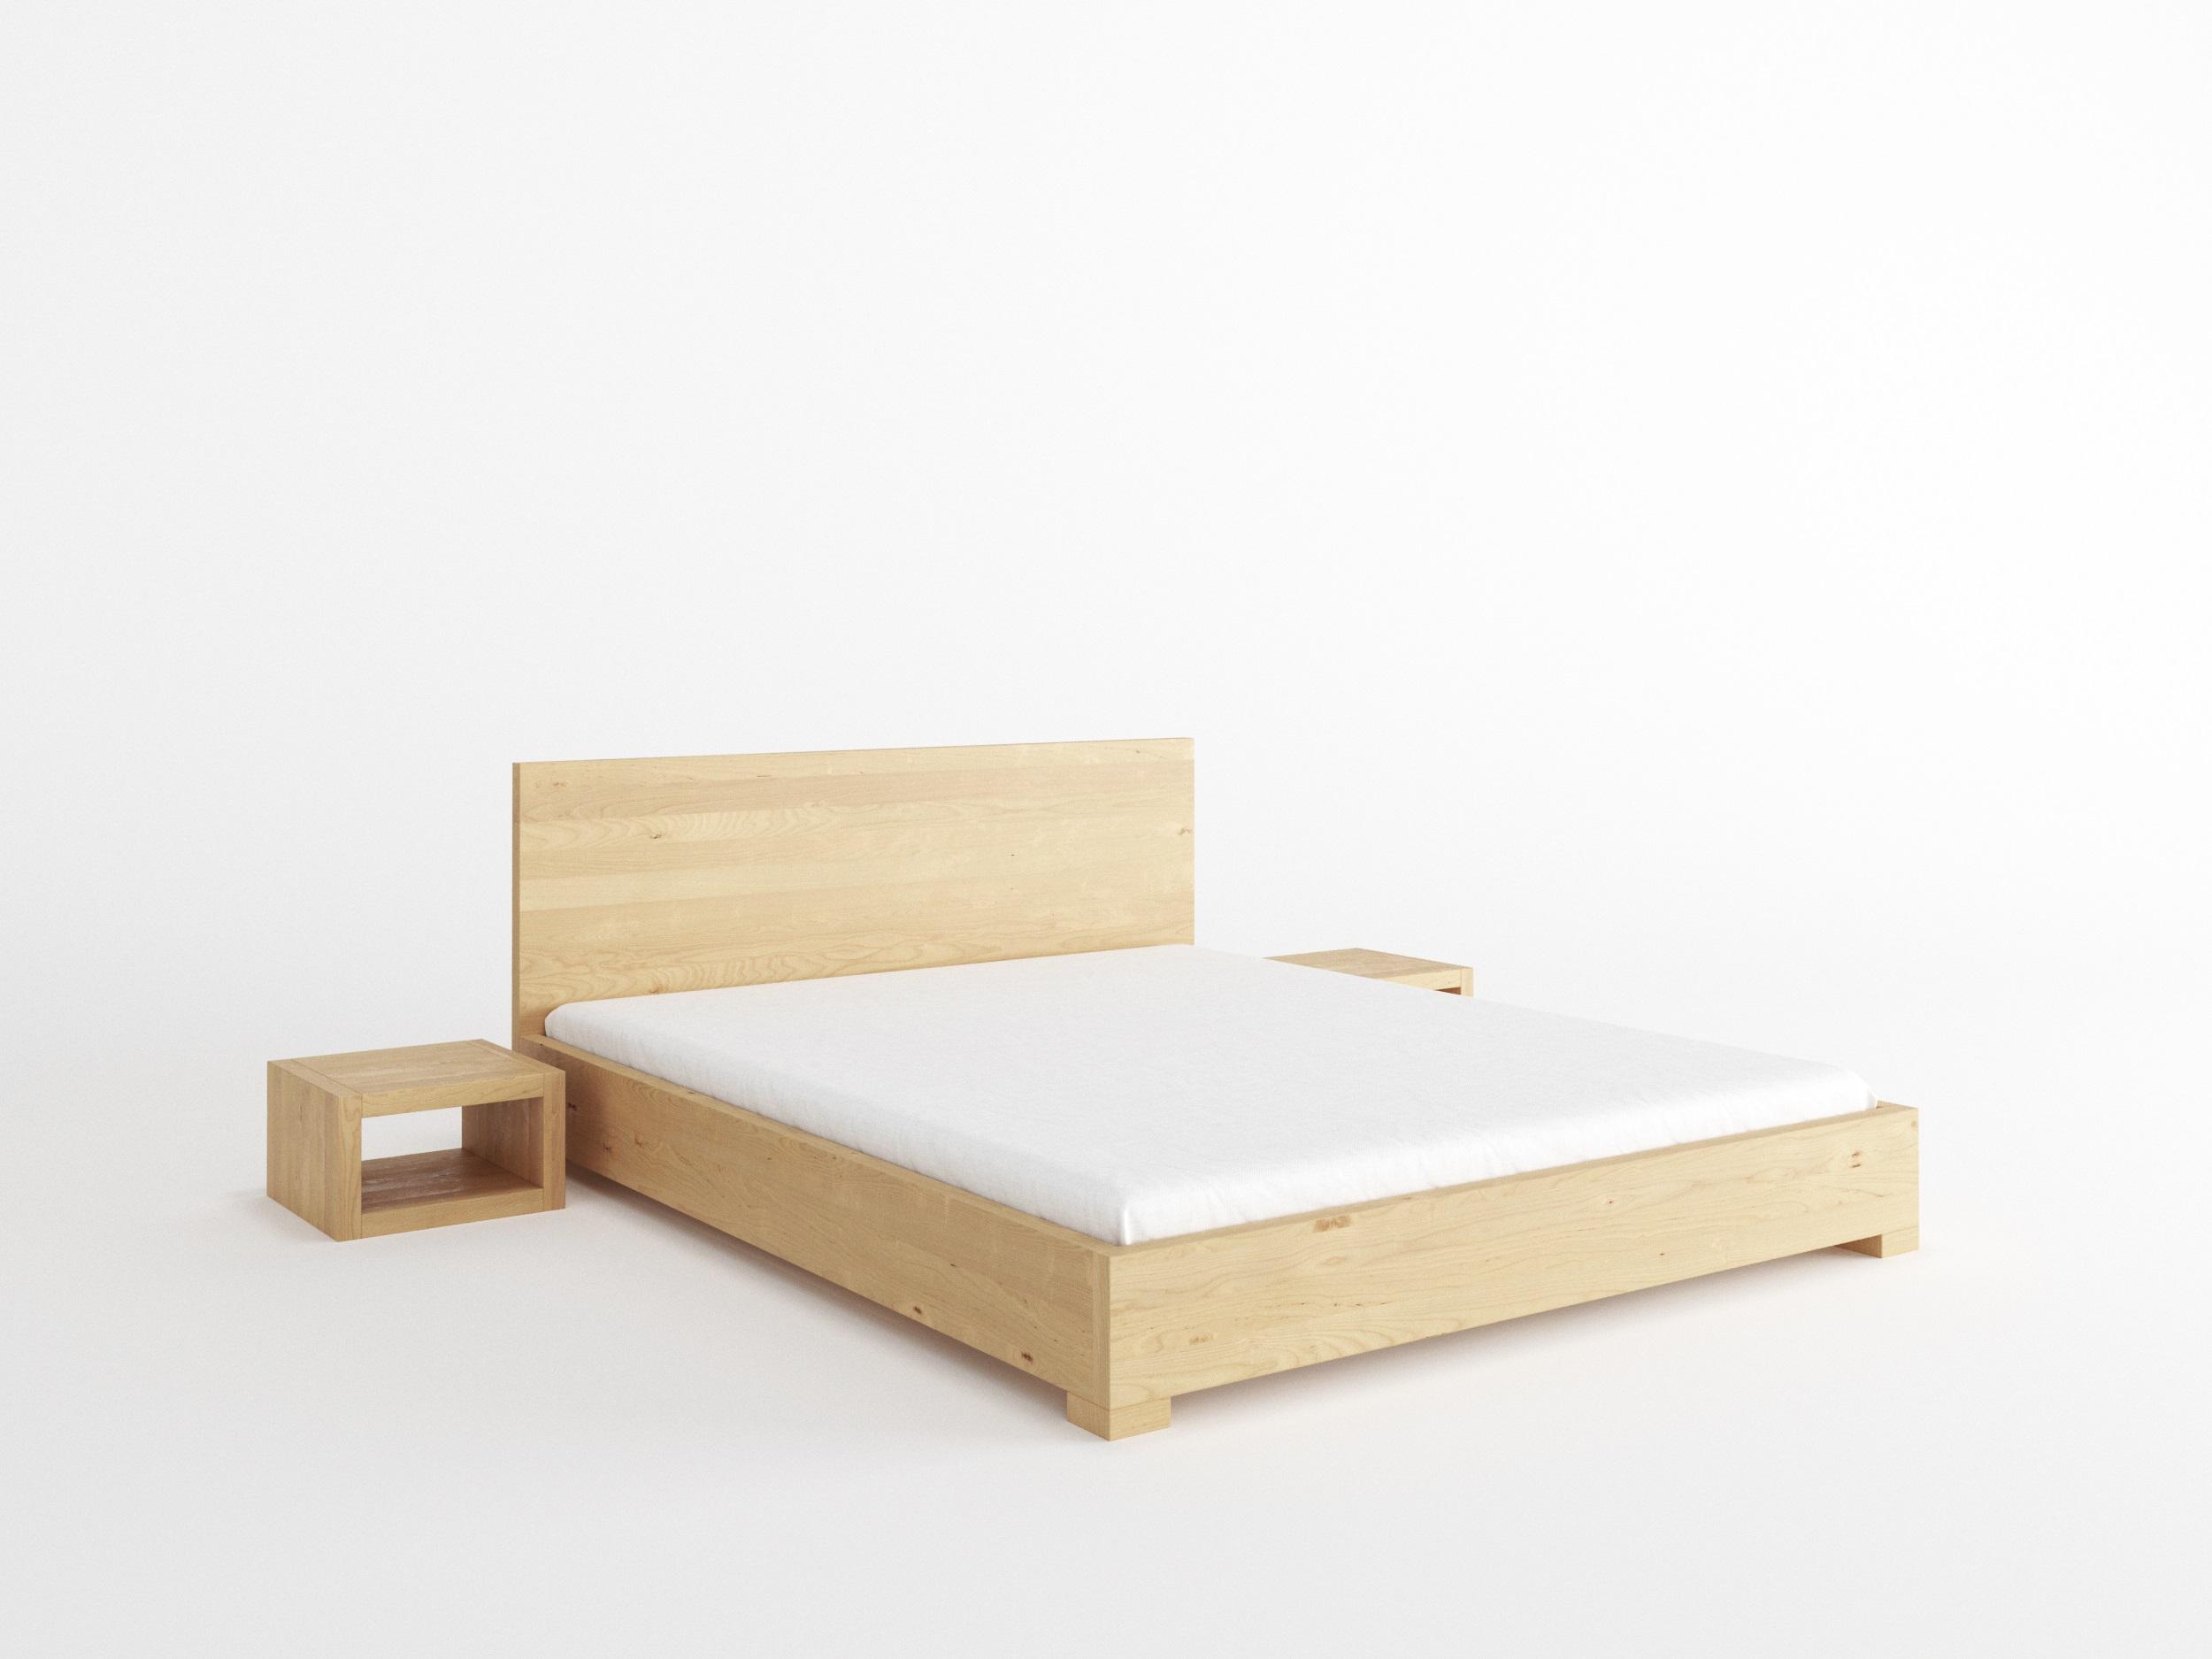 łóżko Bukowe 80x200 Proste łóżko Do Sypialni 7048732356